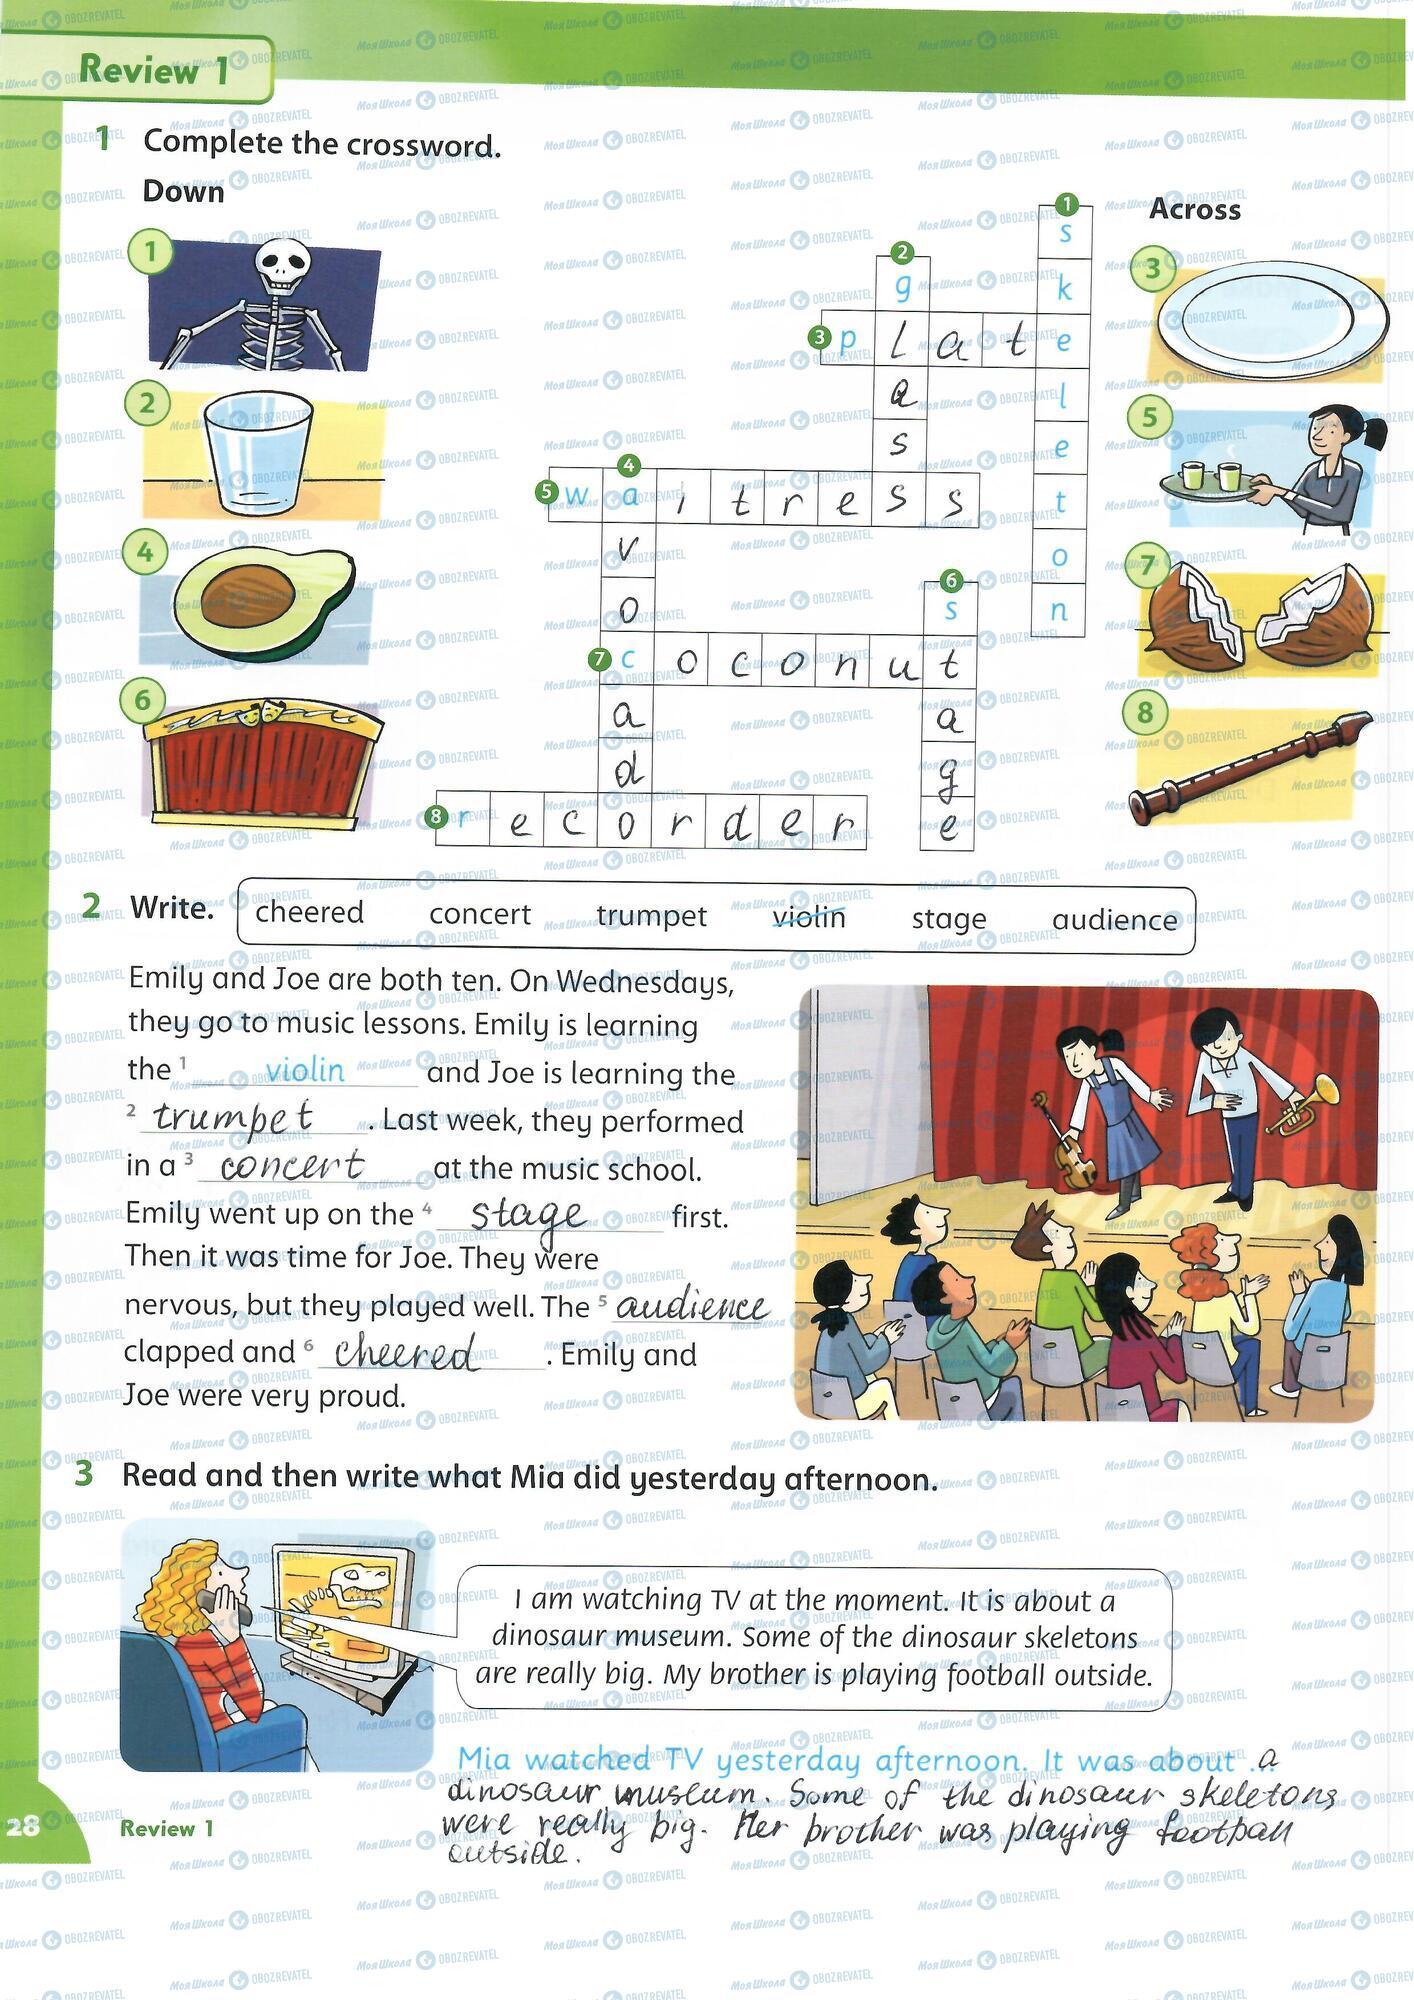 ГДЗ Английский язык 4 класс страница 28